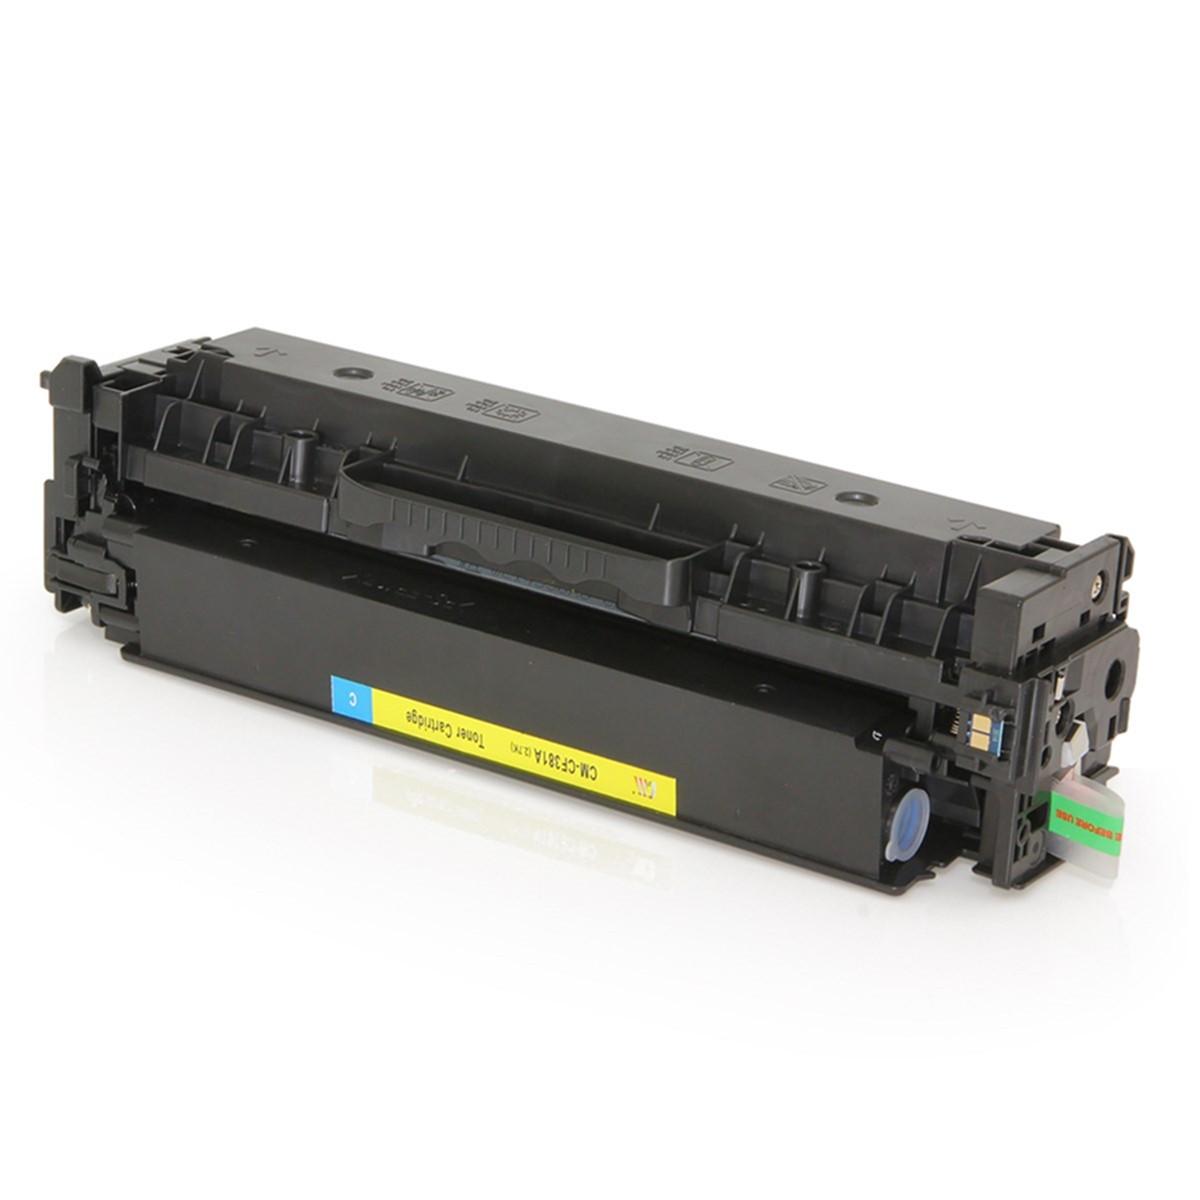 Toner Compatível com HP CF380A 312A Preto Universal | M476 M476NW | Premium Quality 3.5k